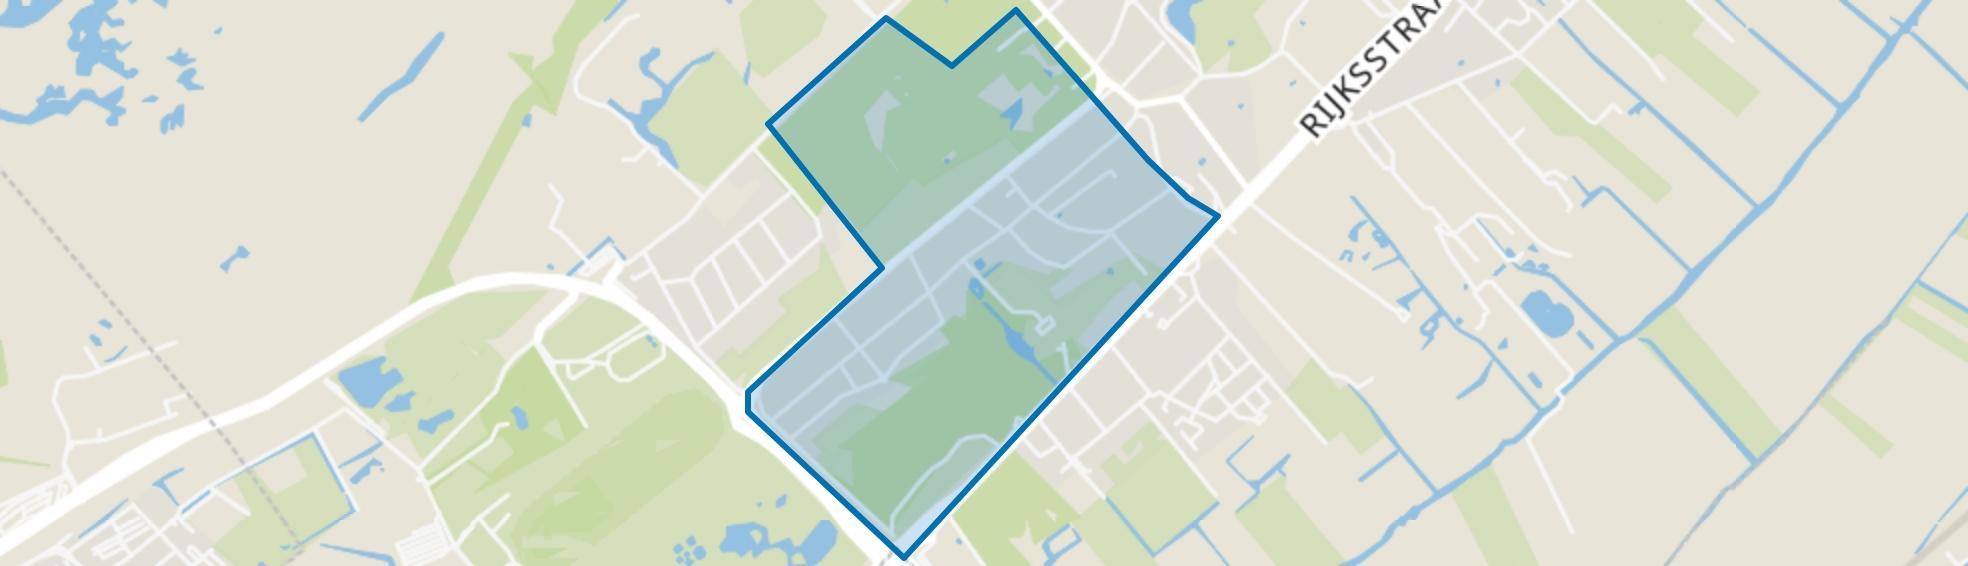 Nieuw-Wassenaar, Wassenaar map